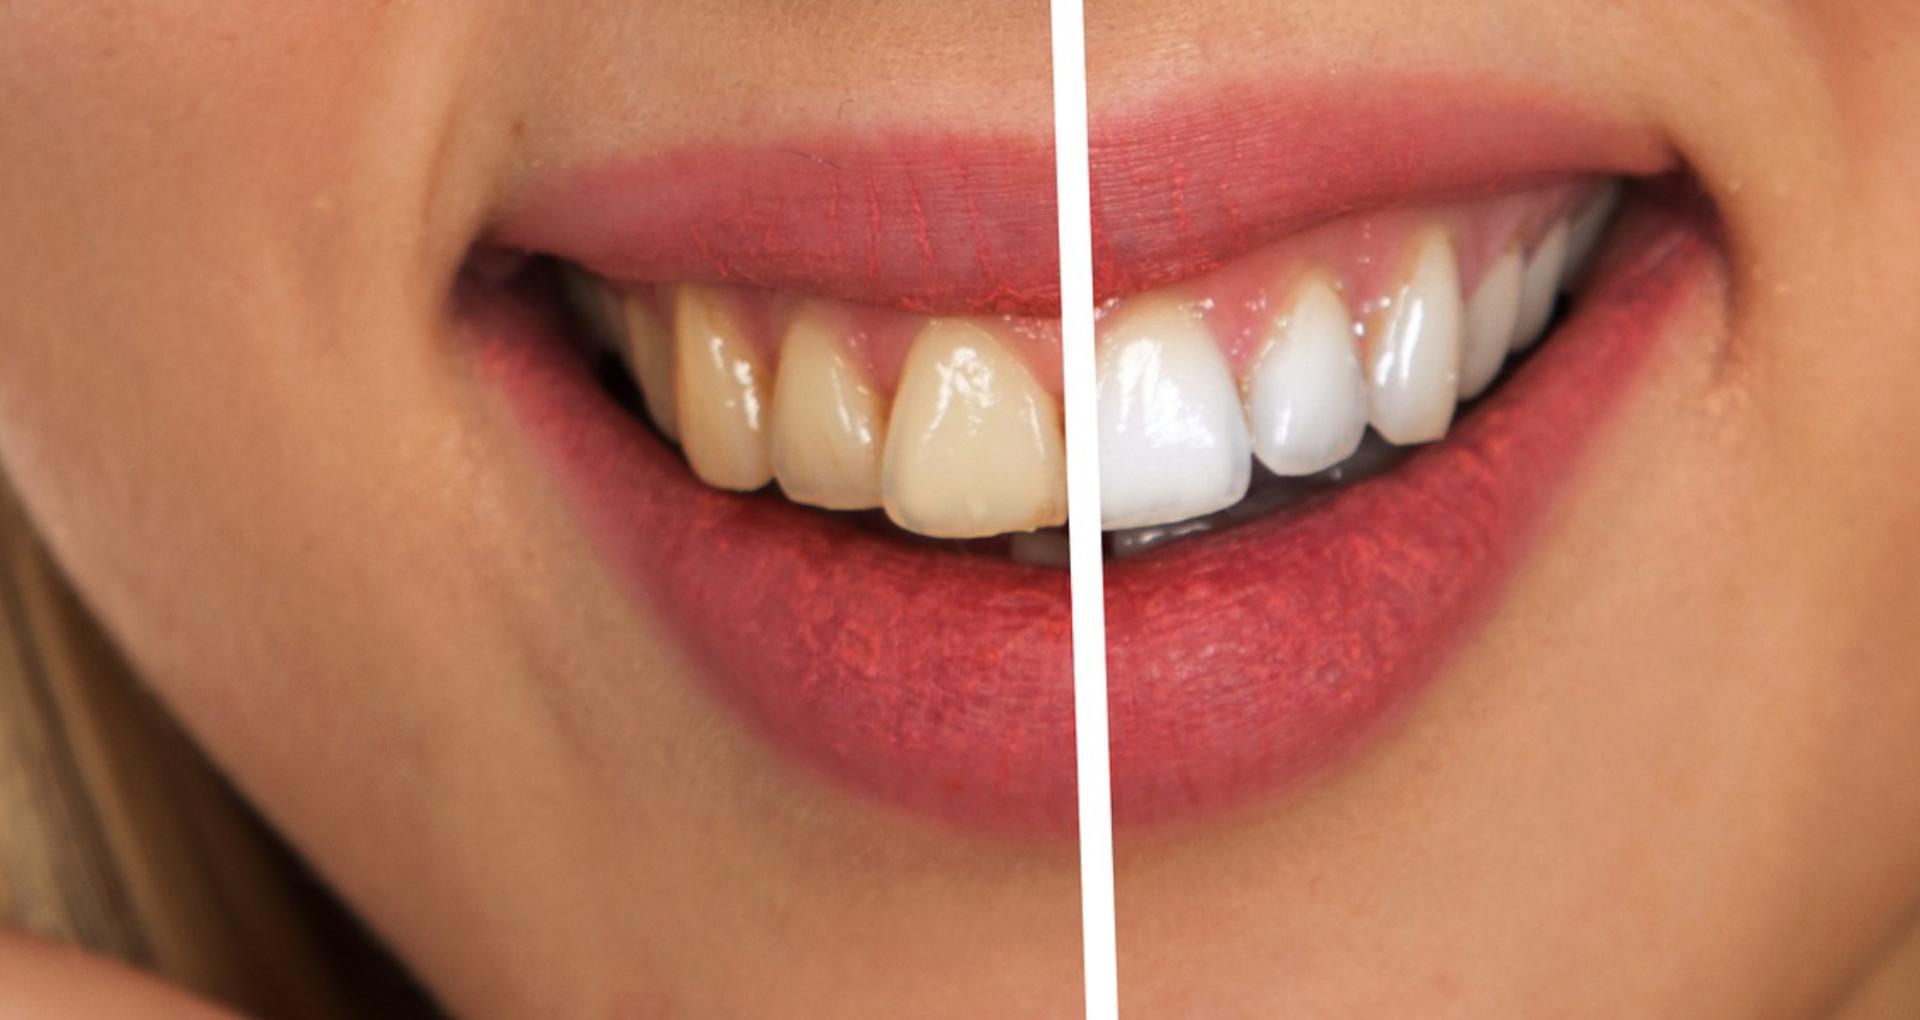 दांतों का पीलापन मिनटों में होगा खत्म, घर पर टमाटर से बने इस आसान पेस्ट का करें इस्तेमाल